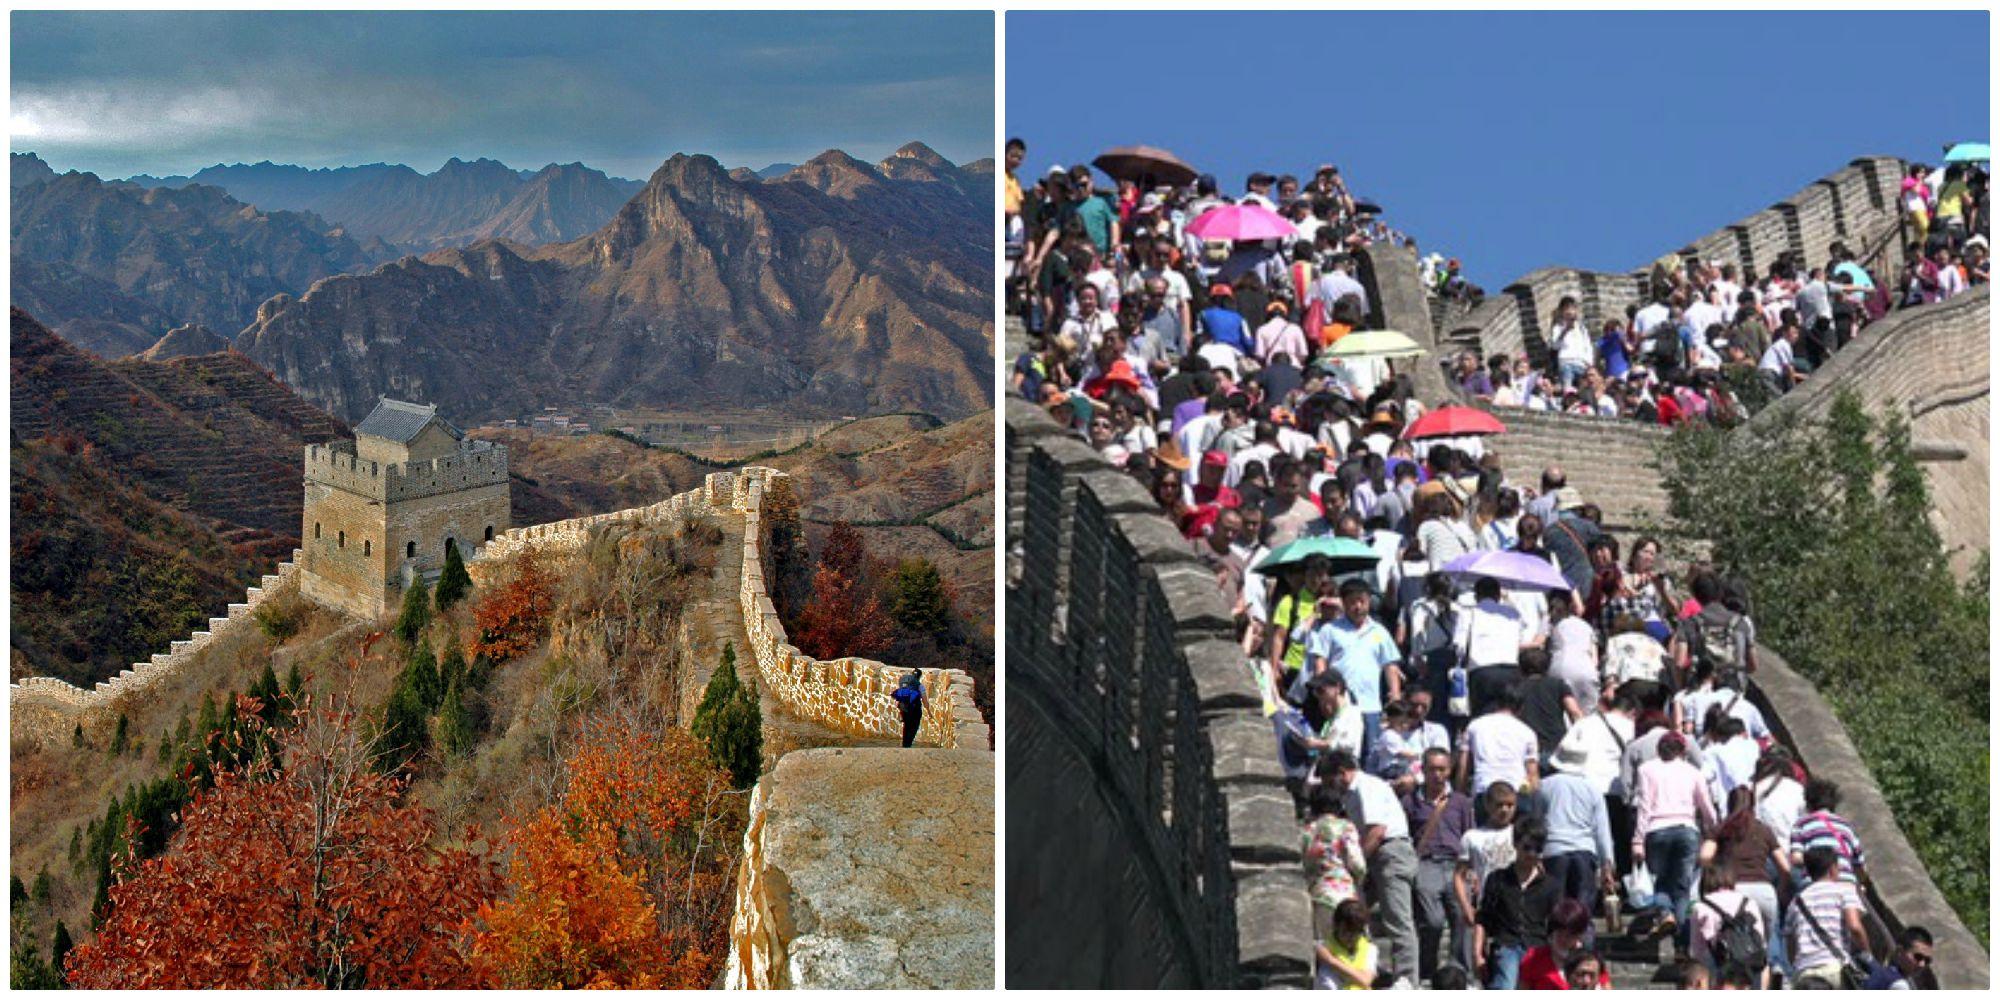 Trung Quốc lập sổ đen, công khai danh tính du khách kém văn minh phá hoại Vạn Lý Trường Thành